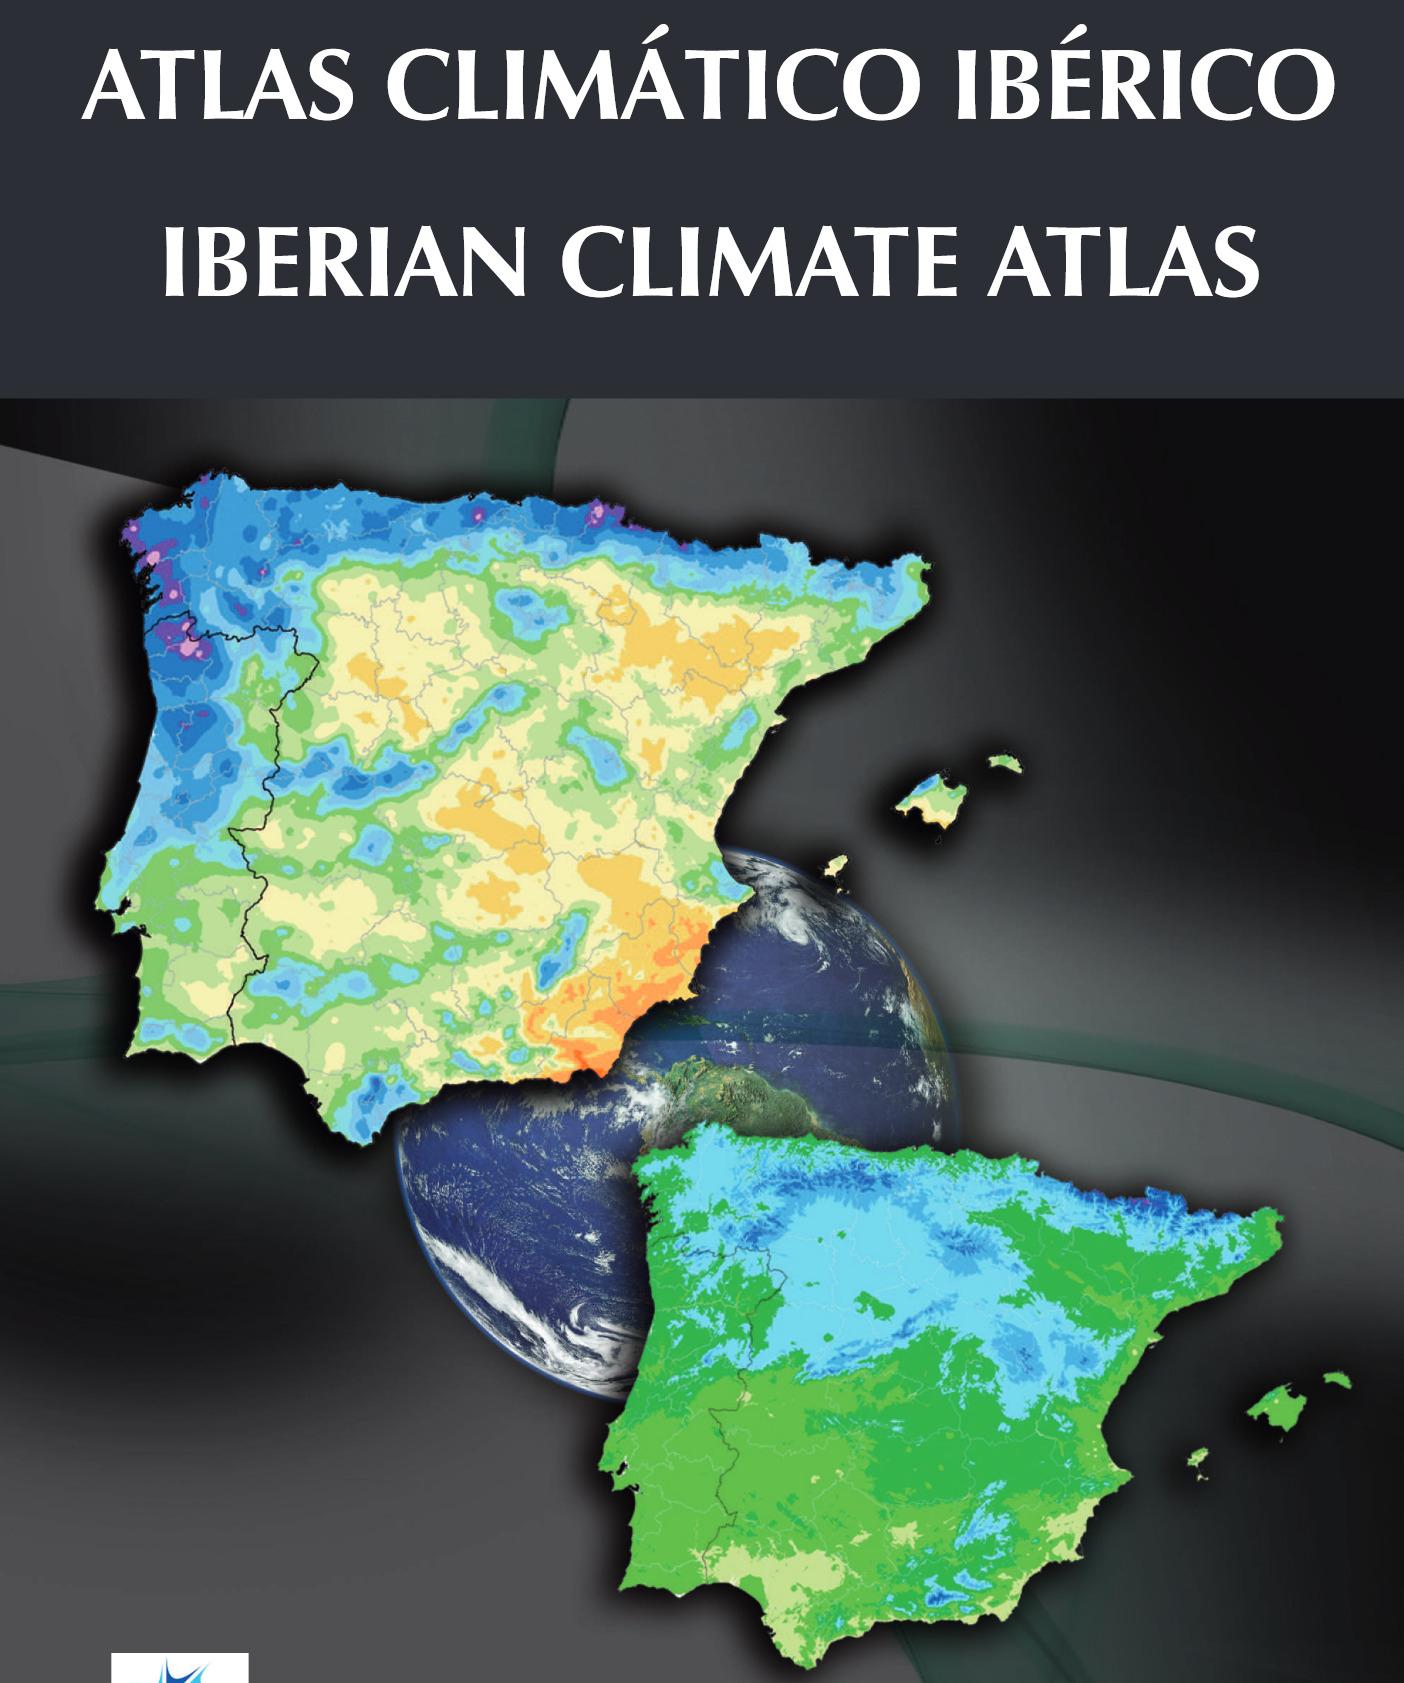 Atlas climatológicos en pdf de la Península Ibérica (gratis desde Aemet)